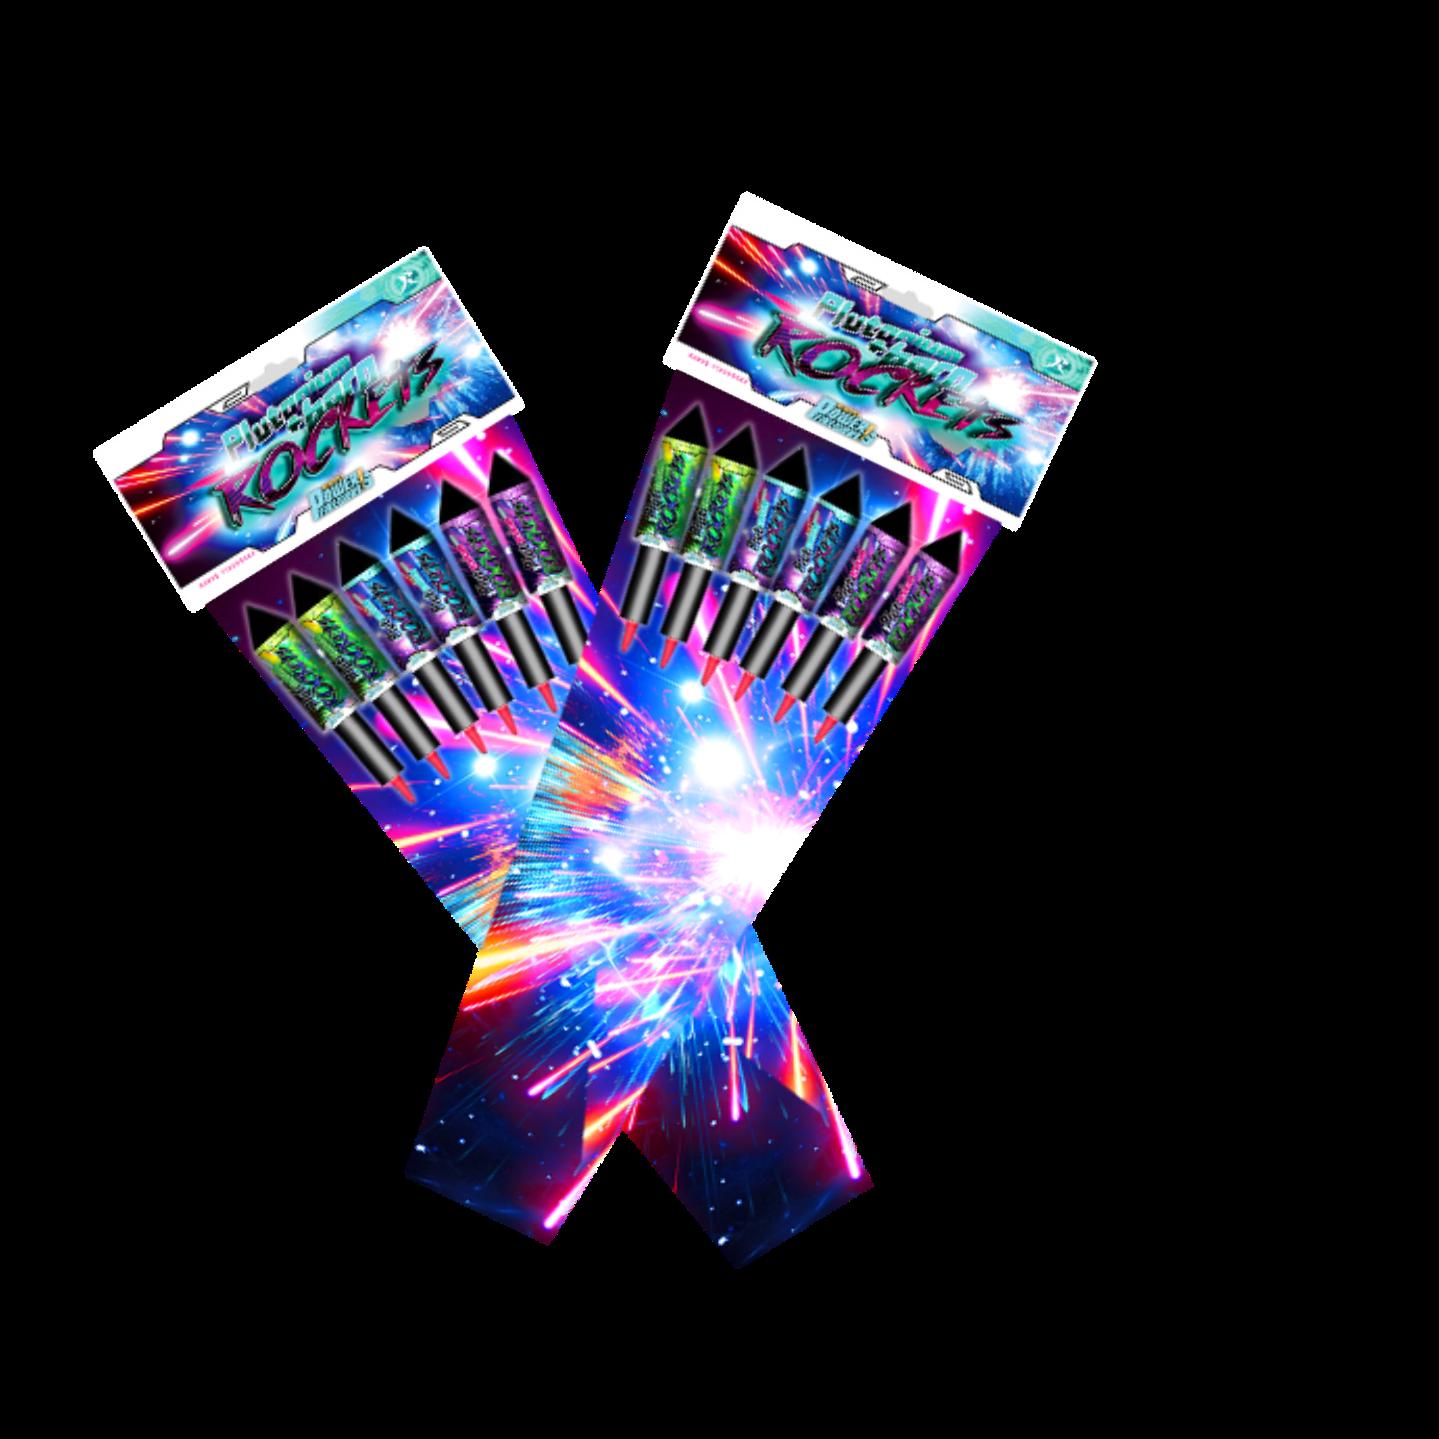 2 voor 1 - Plutonium rockets